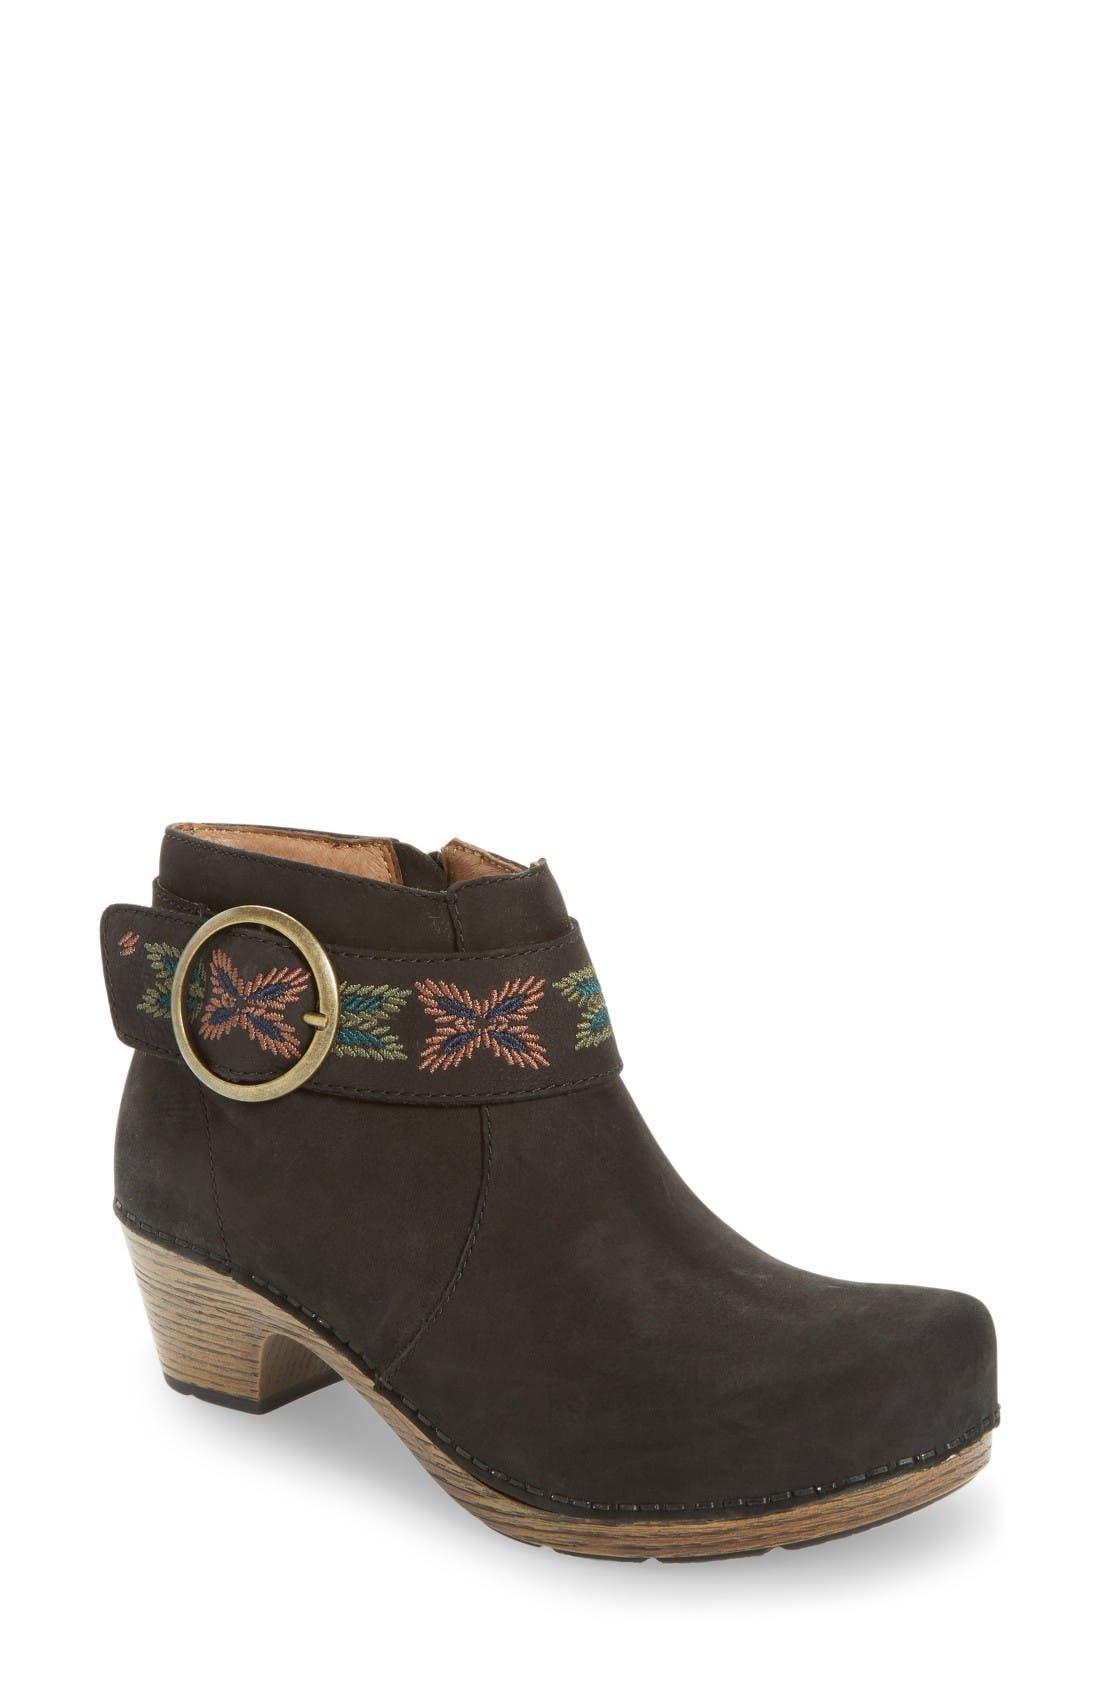 Mina Bootie,                         Main,                         color, Black Nubuck Leather